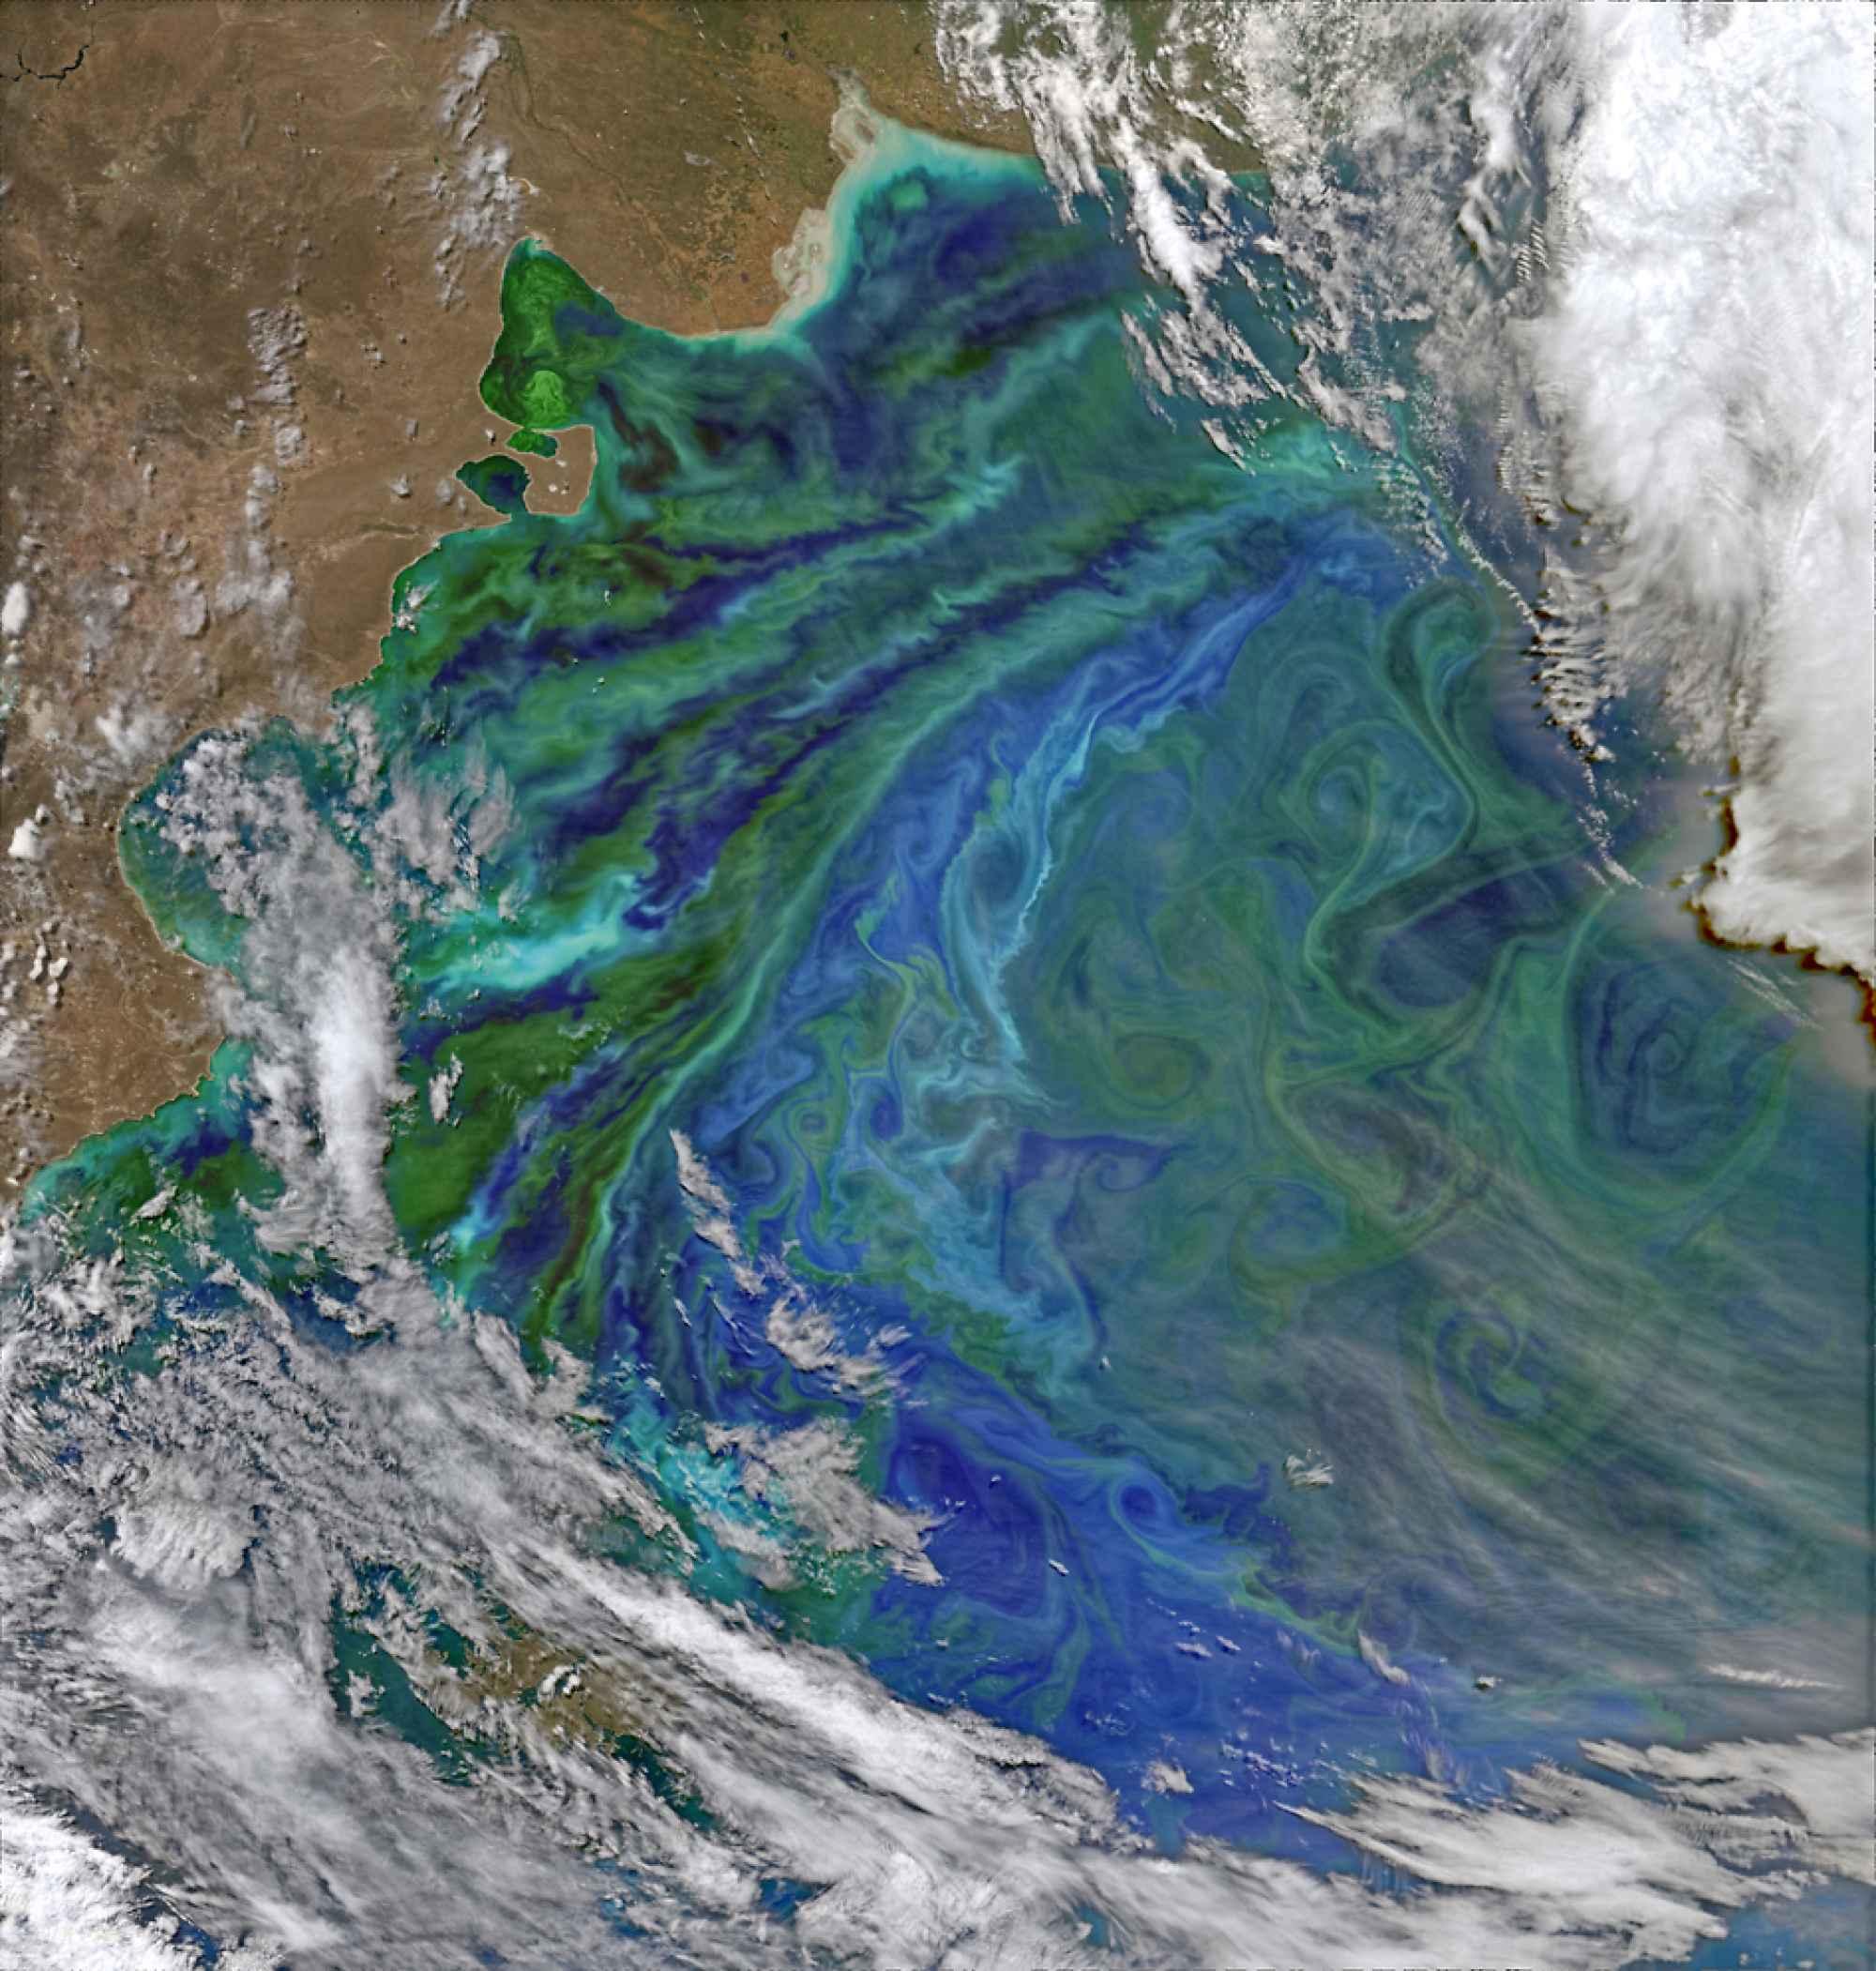 patagonia-plankton